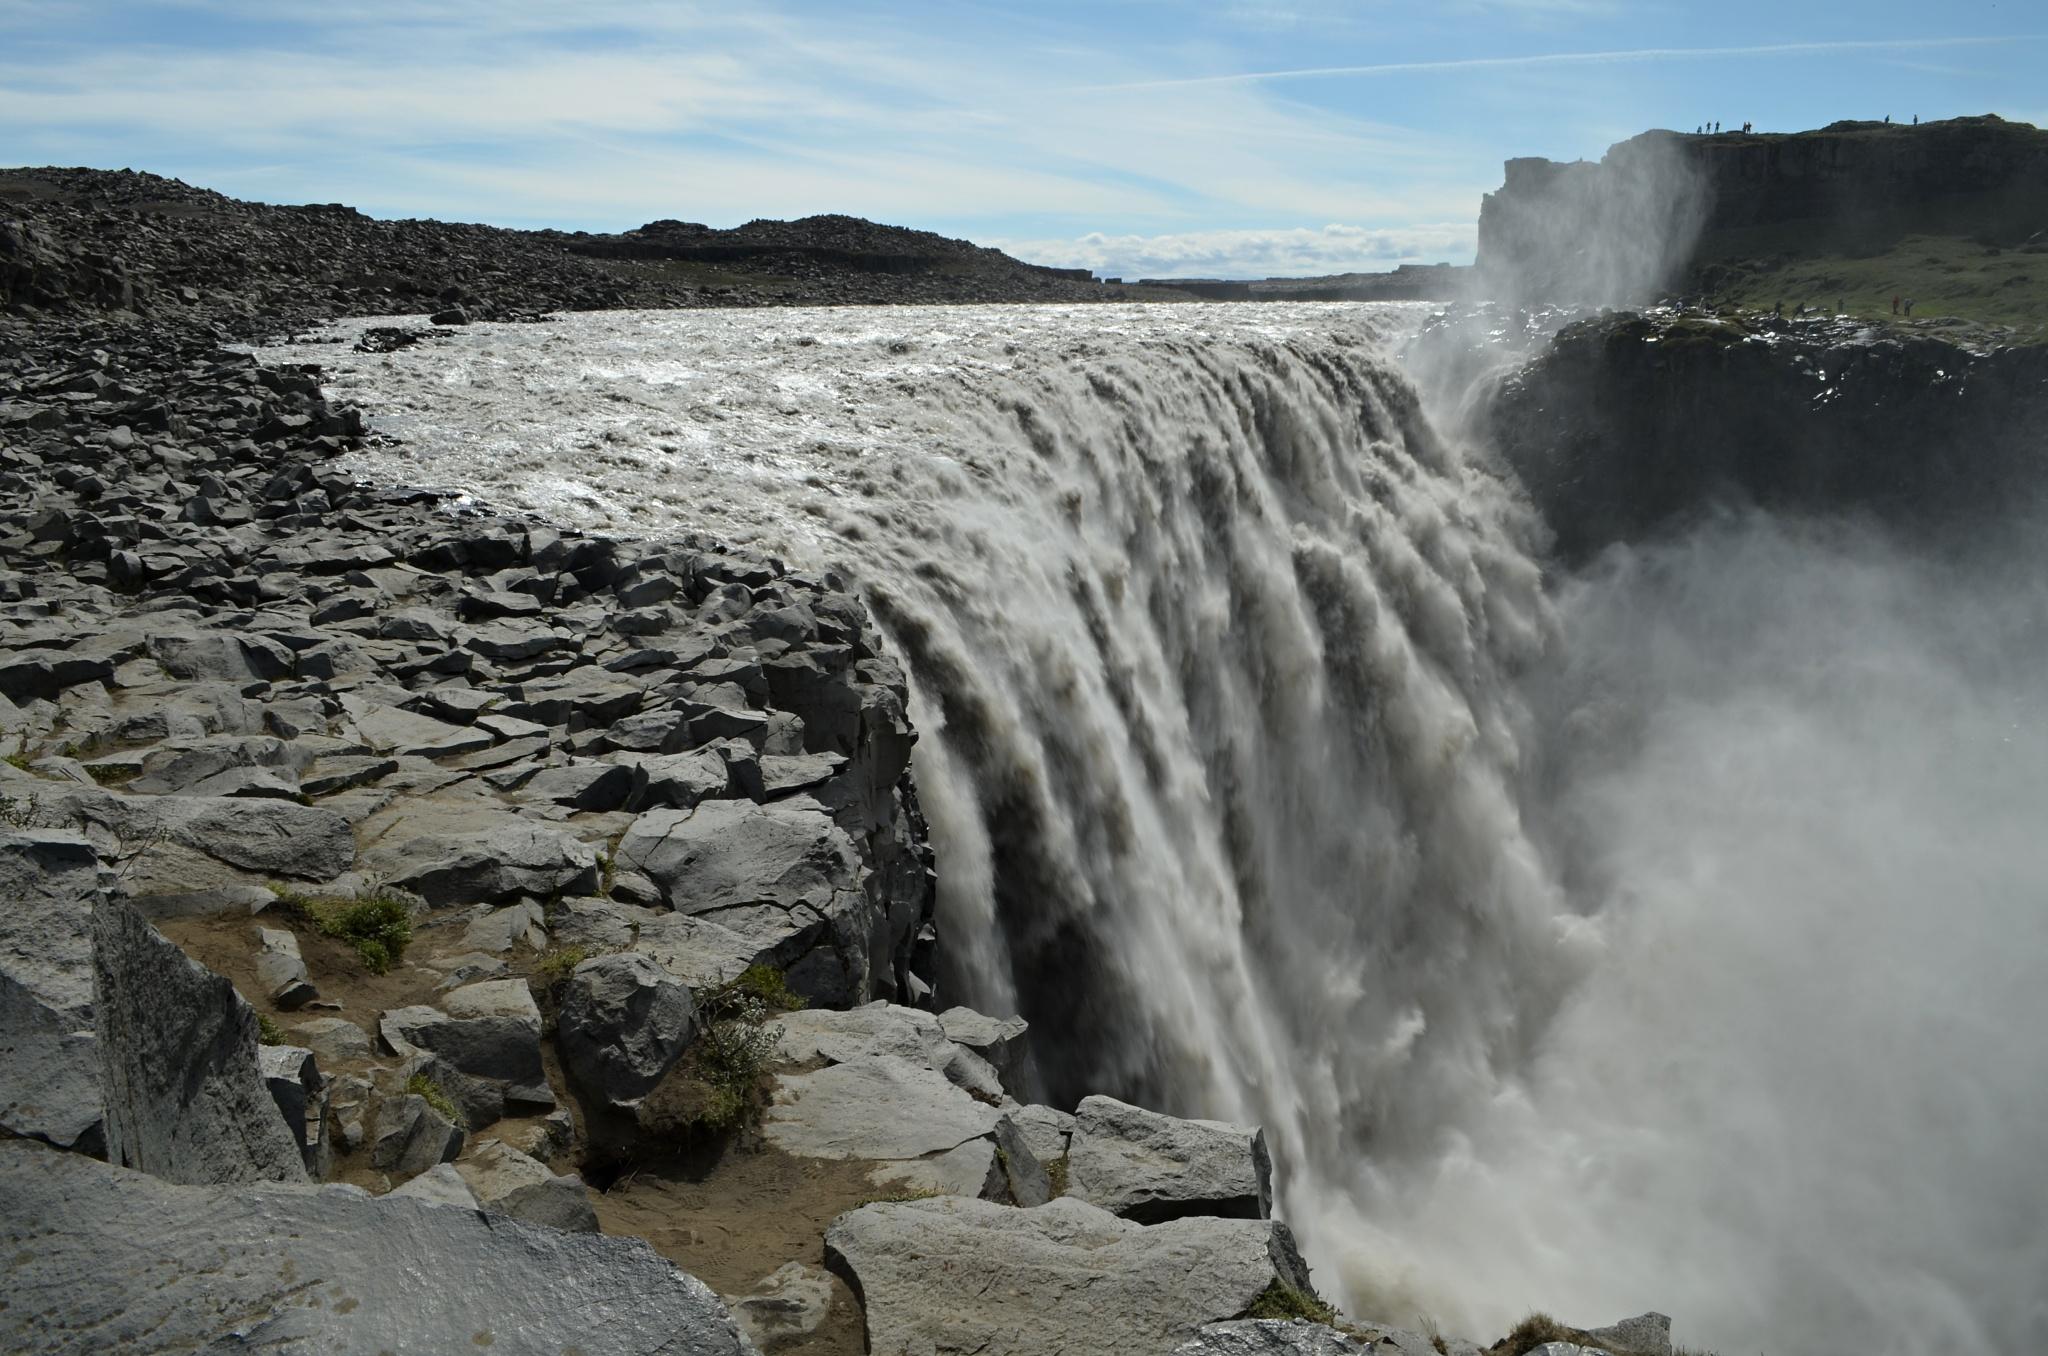 Mohutný vodopád Dettifoss